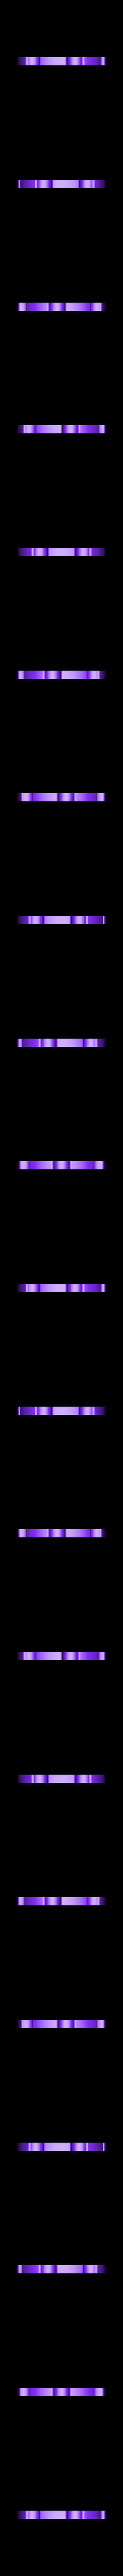 Spinner v1.STL Télécharger fichier STL gratuit Générateur de nombres aléatoires à spinner à main • Plan pour imprimante 3D, Vladimir310873